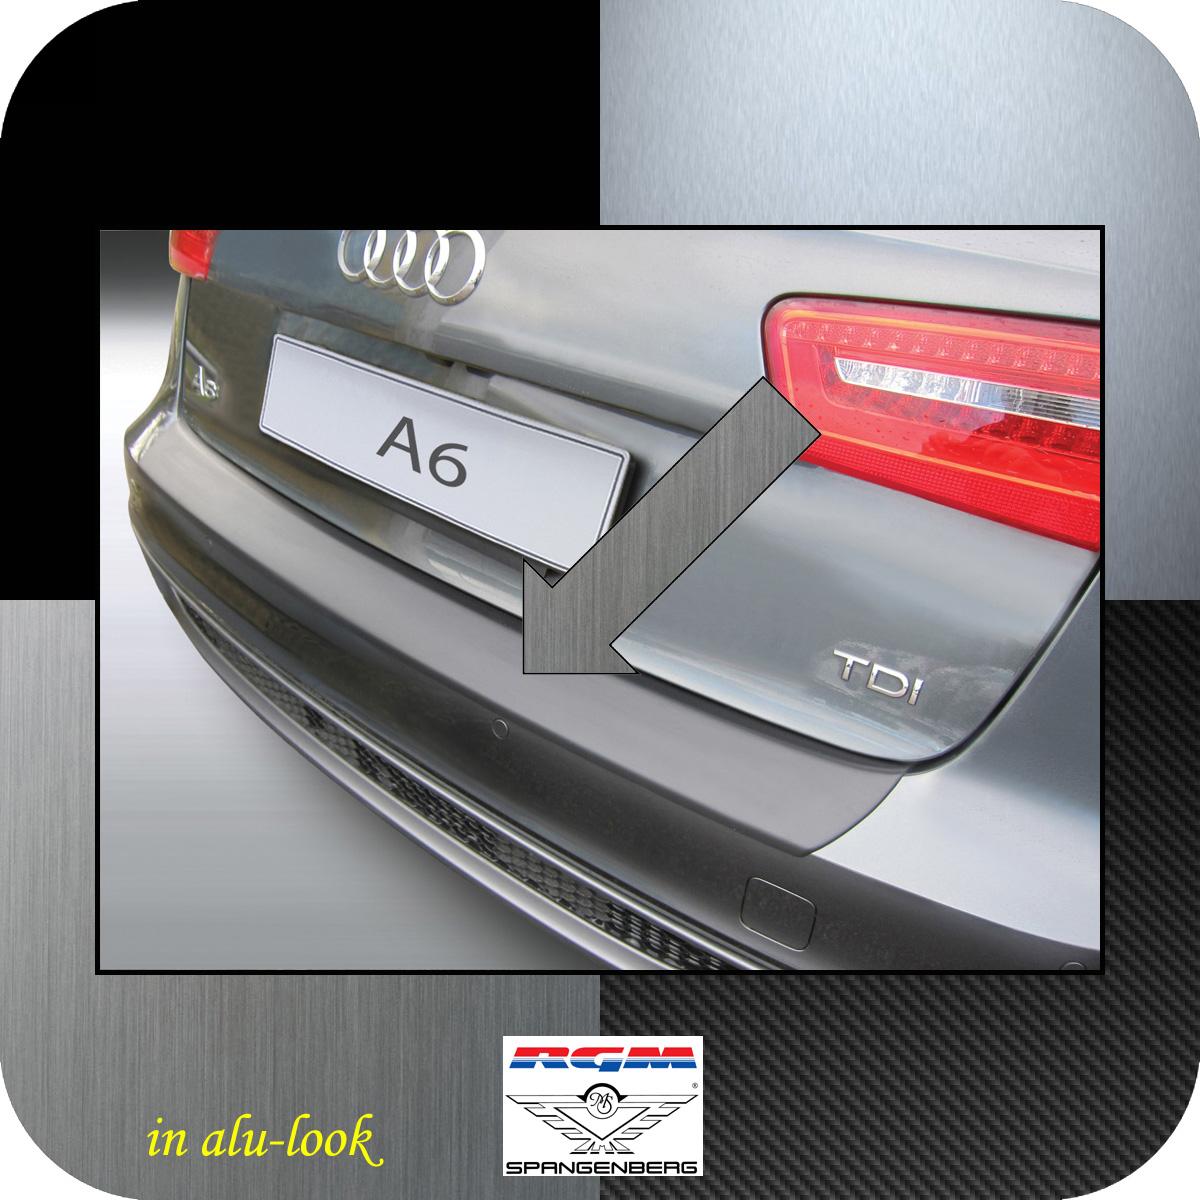 Ladekantenschutz Alu-Look Audi A6 C7 Avant Kombi vor Mopf 2011-2014 3504713